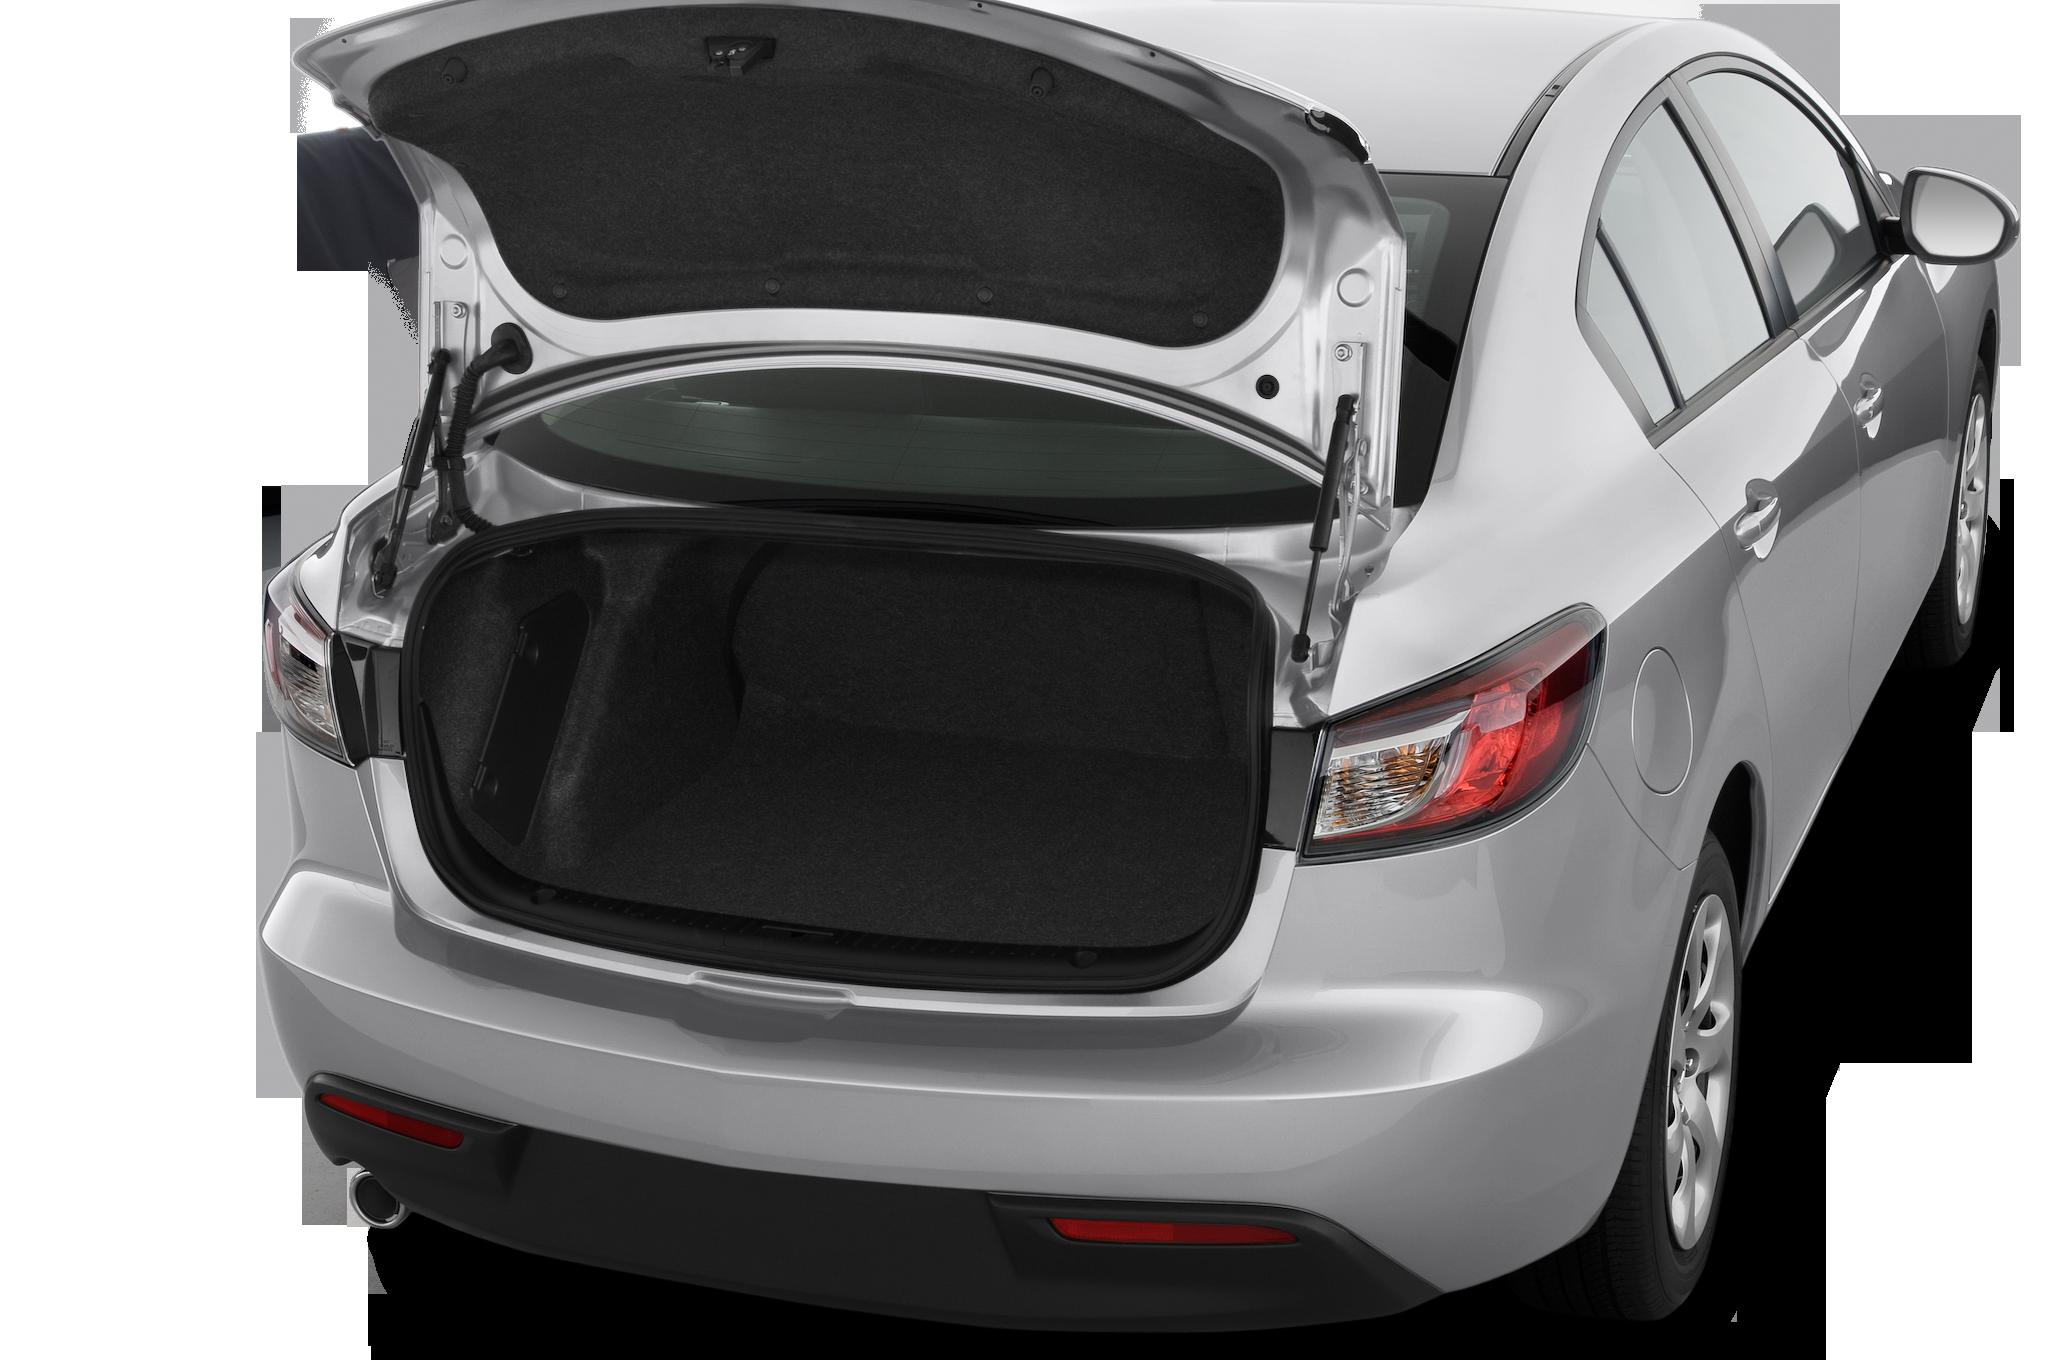 2010 Mazda3 Sedan - Mazda Sedan Review - Automobile Magazine